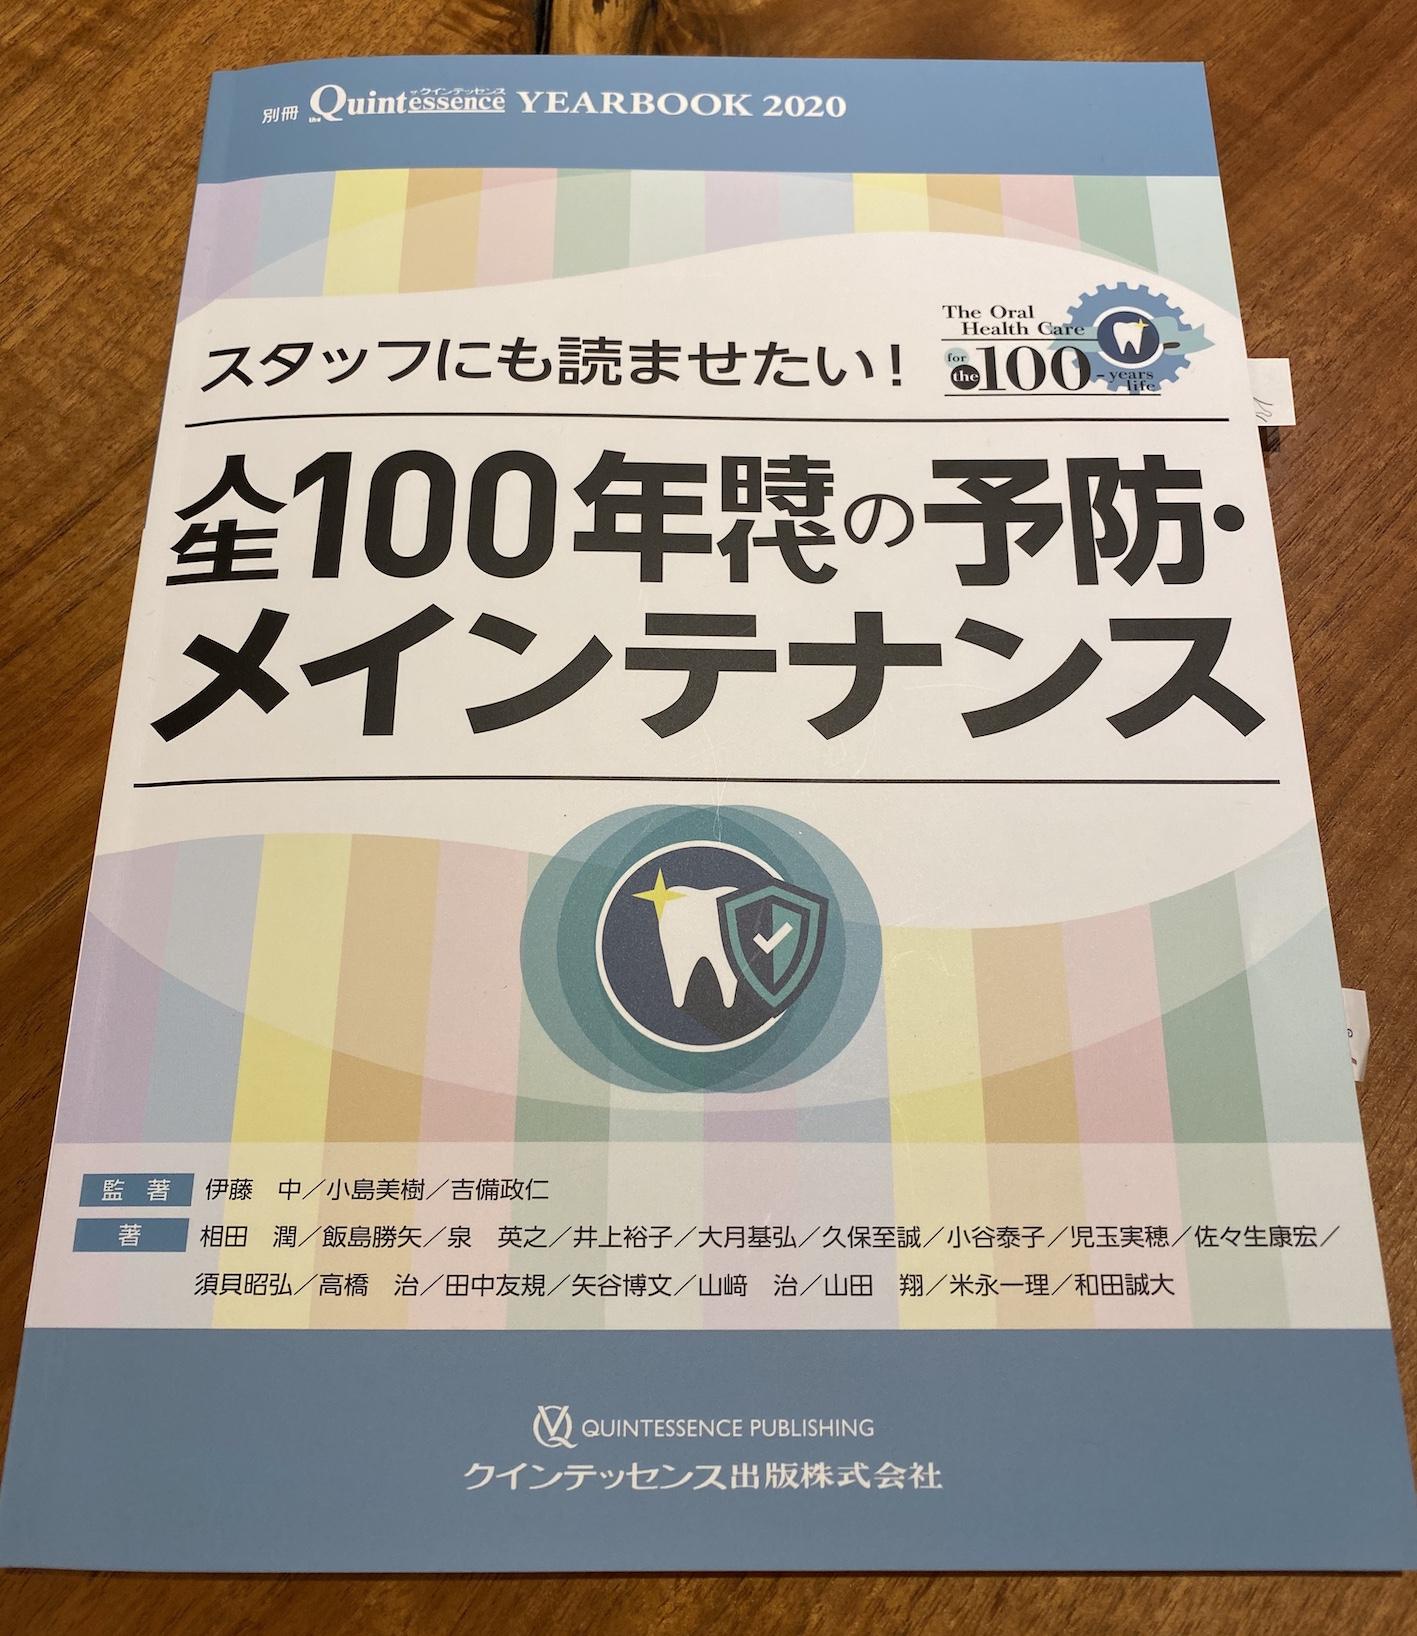 生月 歯医者 人生100年 予防 メインテナンス マイクロスコープ